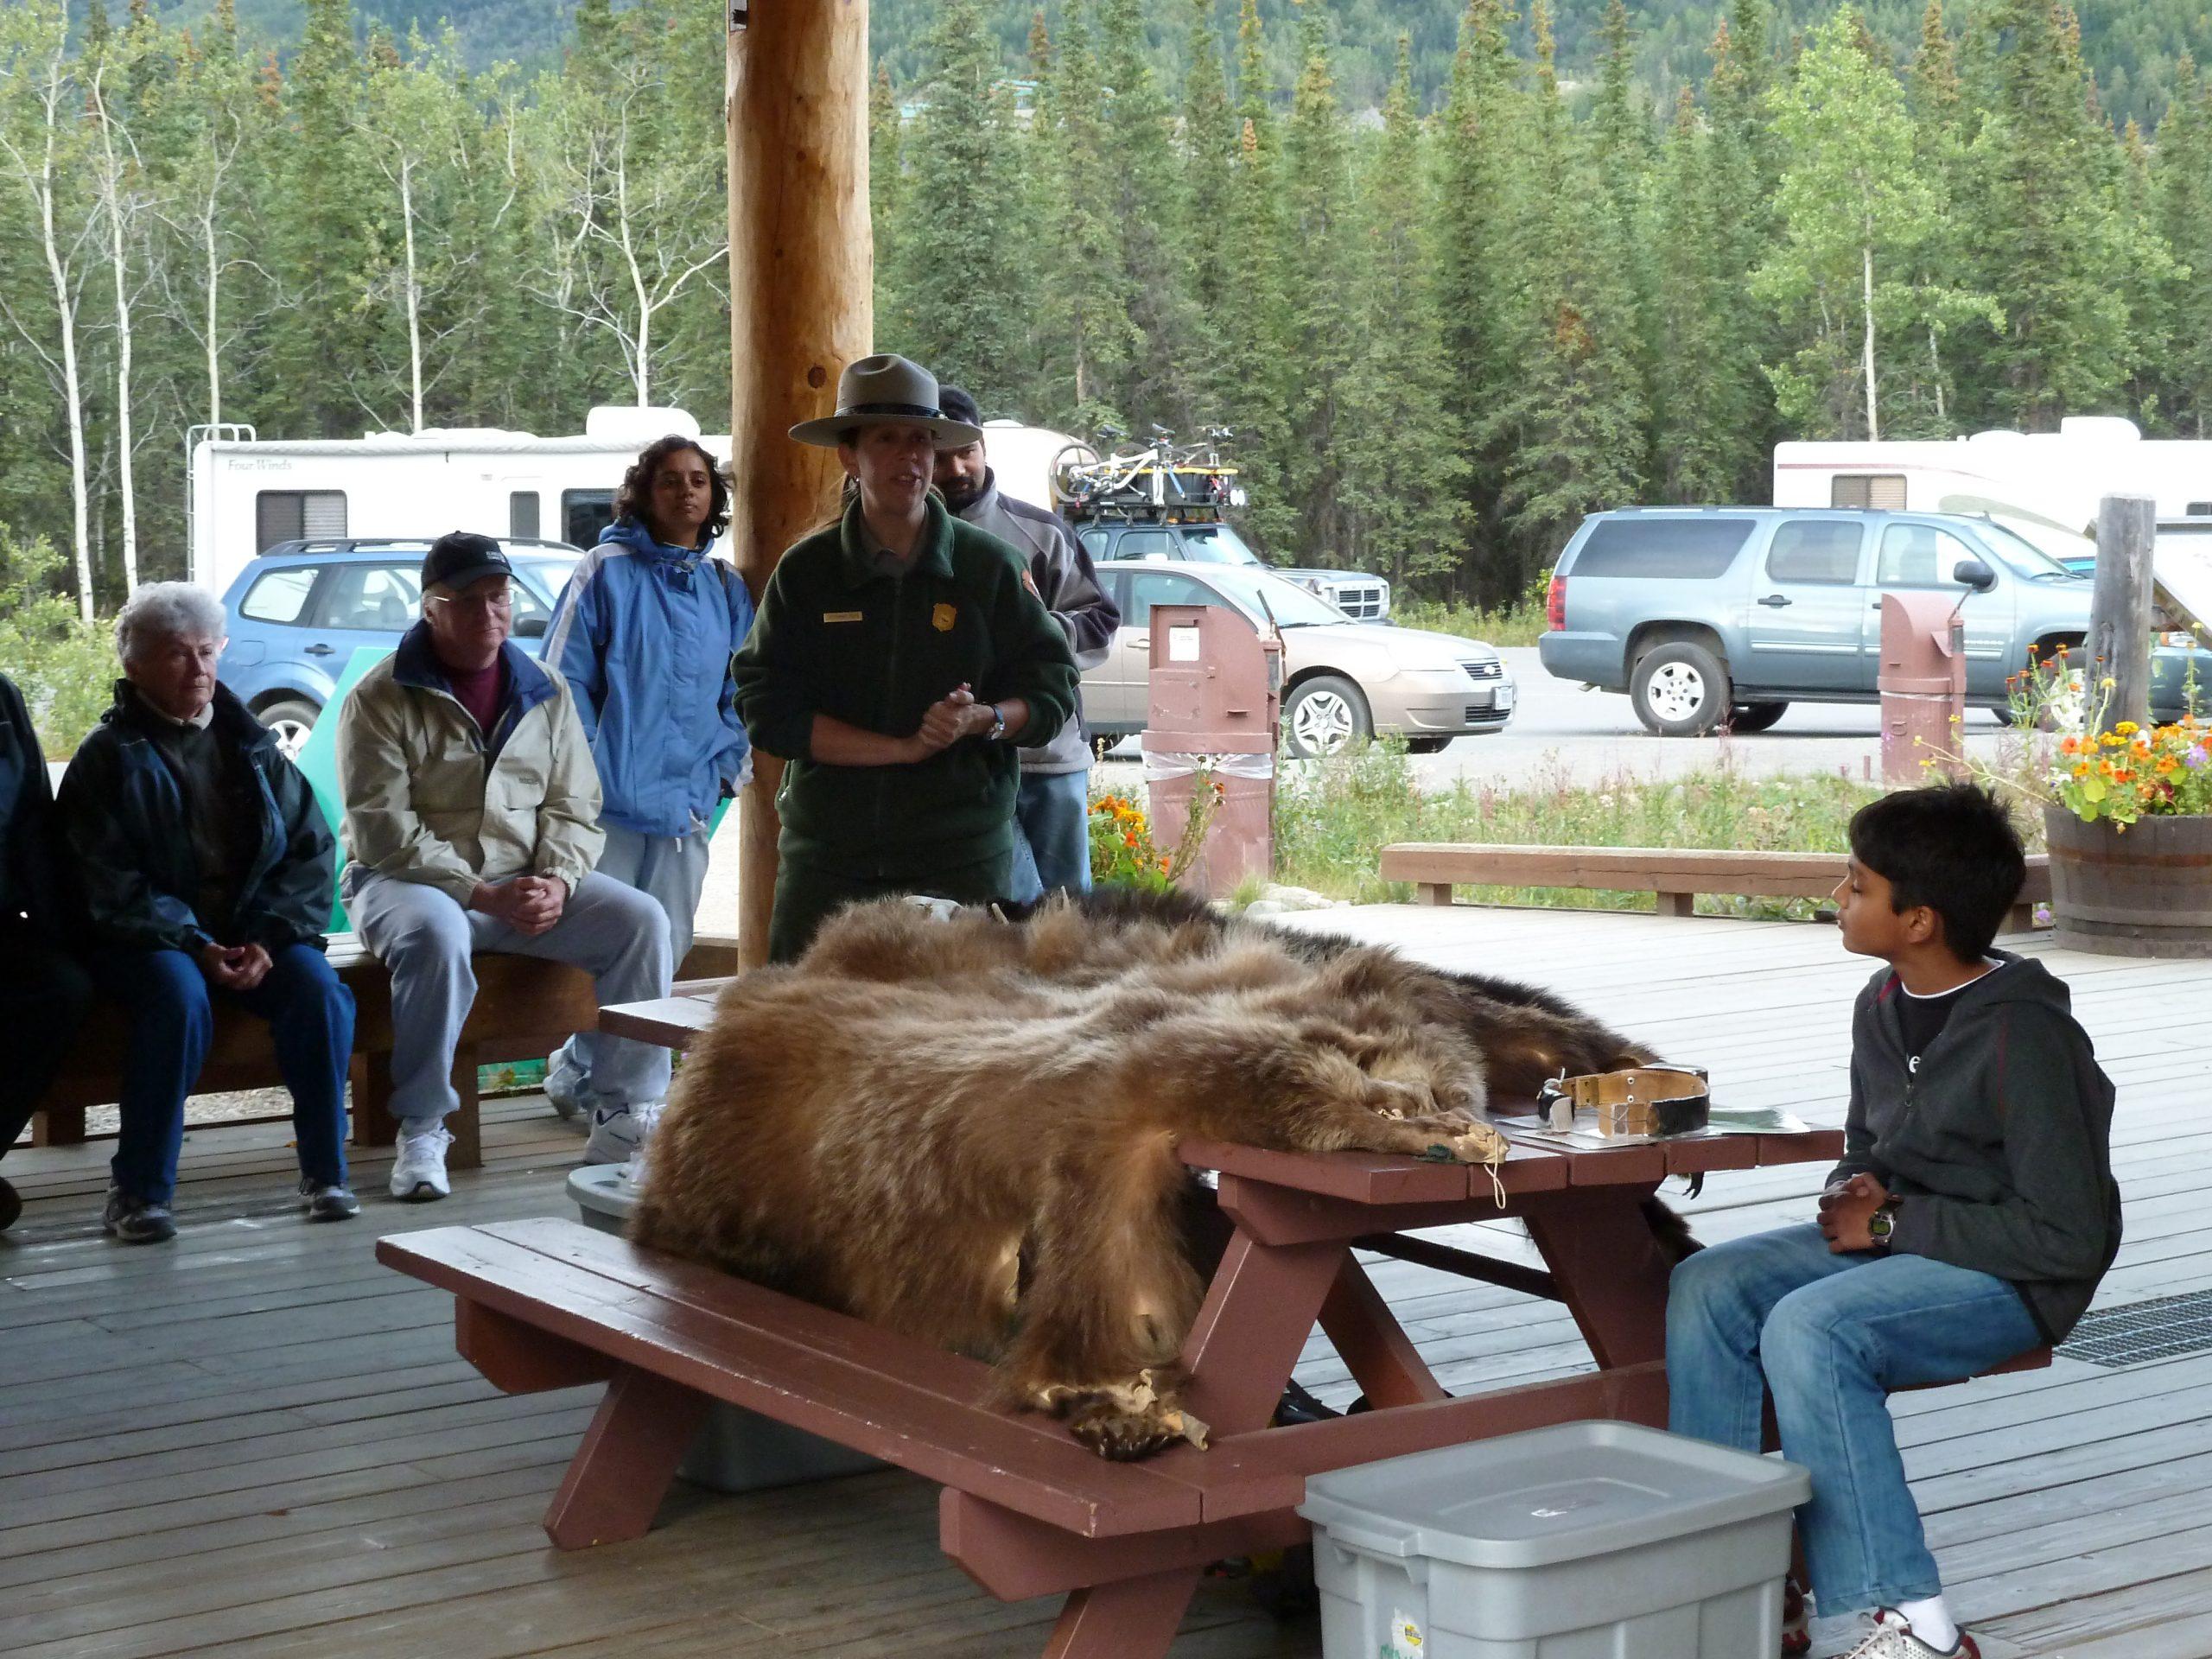 Radreise Alaska 2010 - Denali-NP - Bären-Schulung